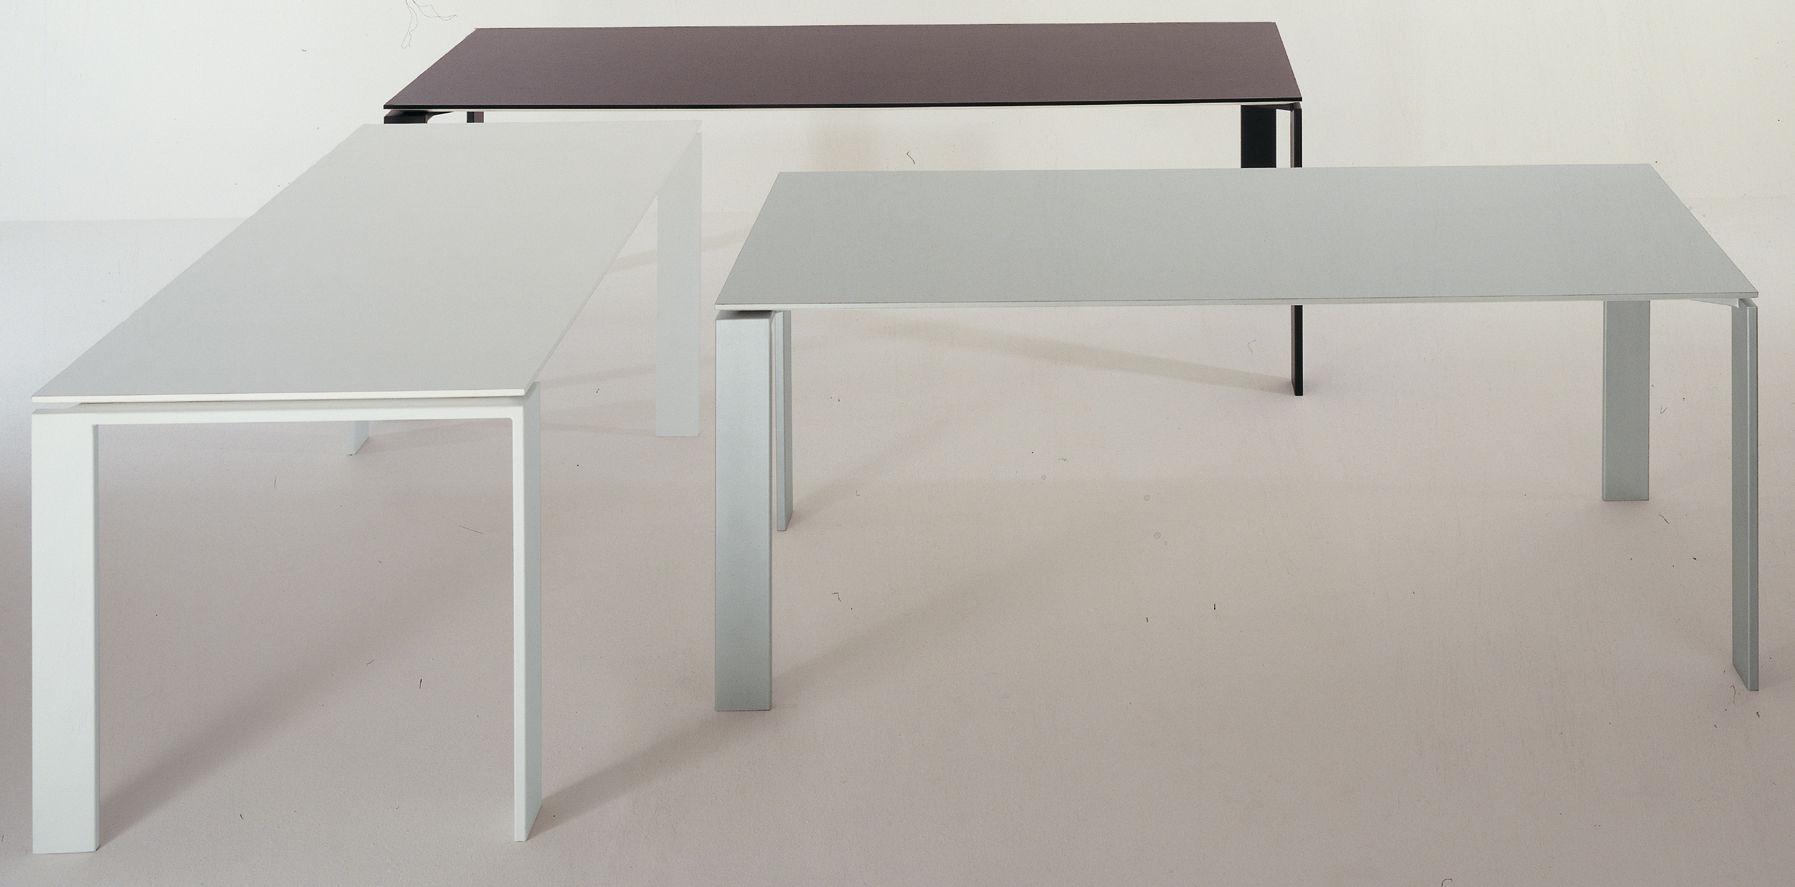 Four table alu l 223 cm 223 cm by kartell for Table kartell